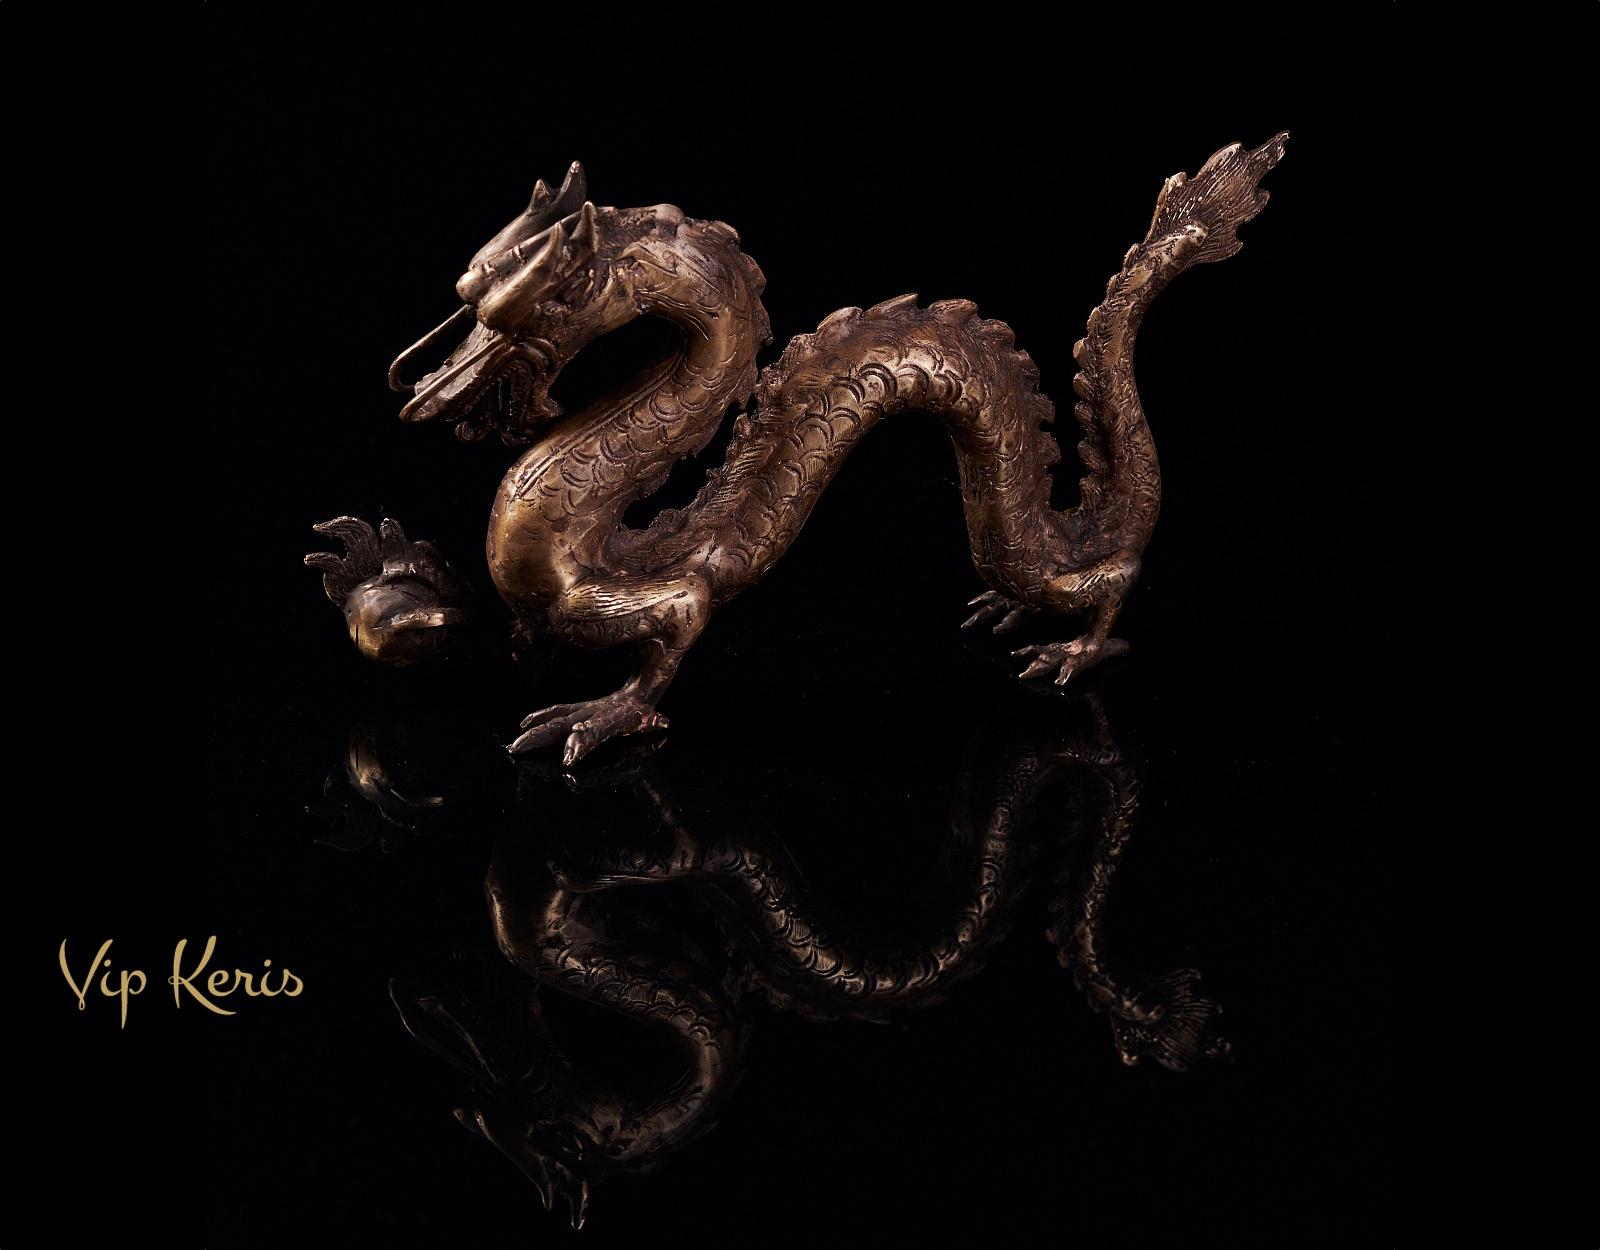 Бронзовая статуя Нага, стихия Огонь фото VipKeris